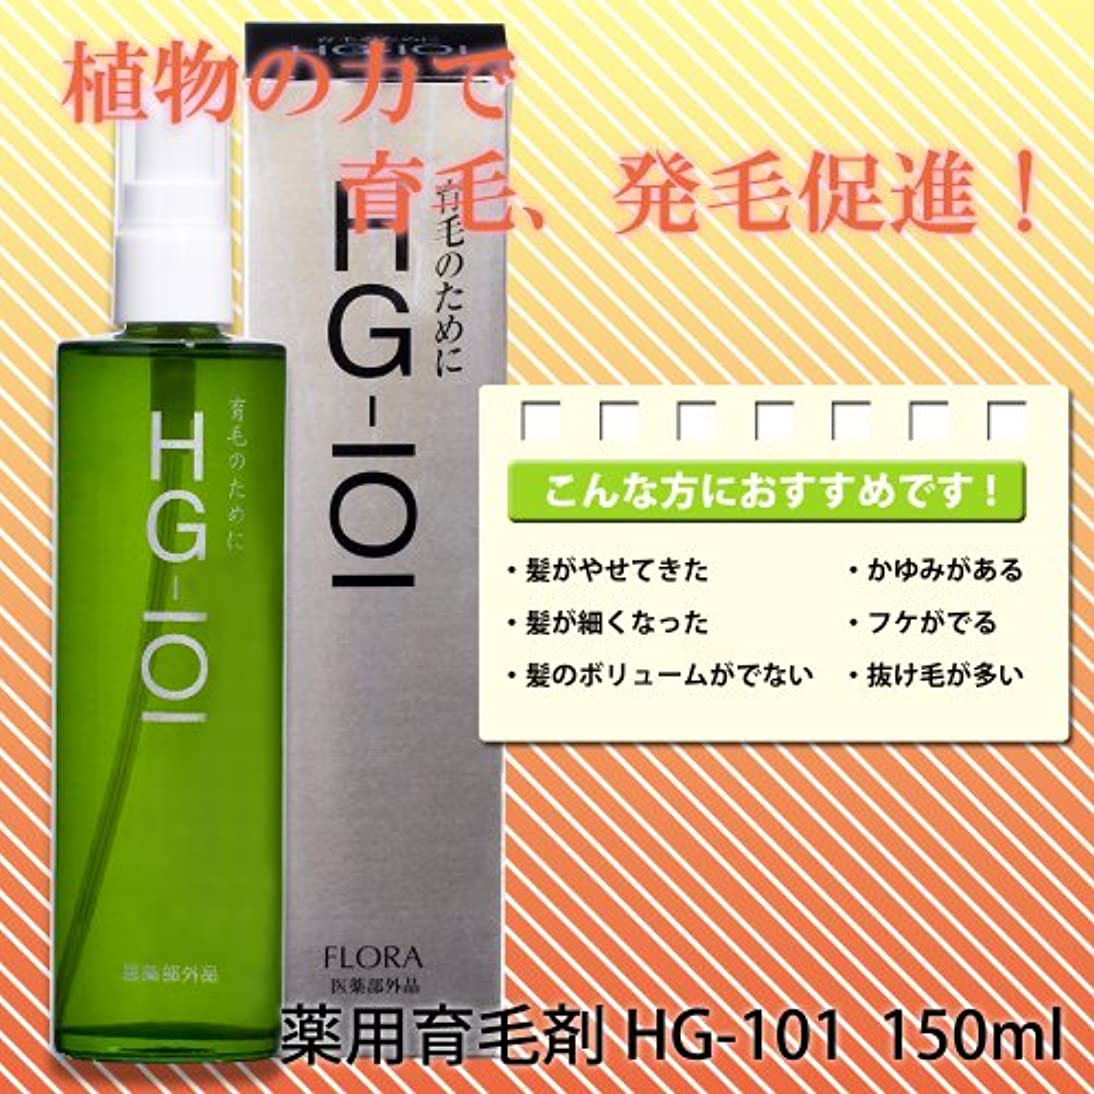 心配するアシスタント続ける薬用育毛剤HG-101 150ml